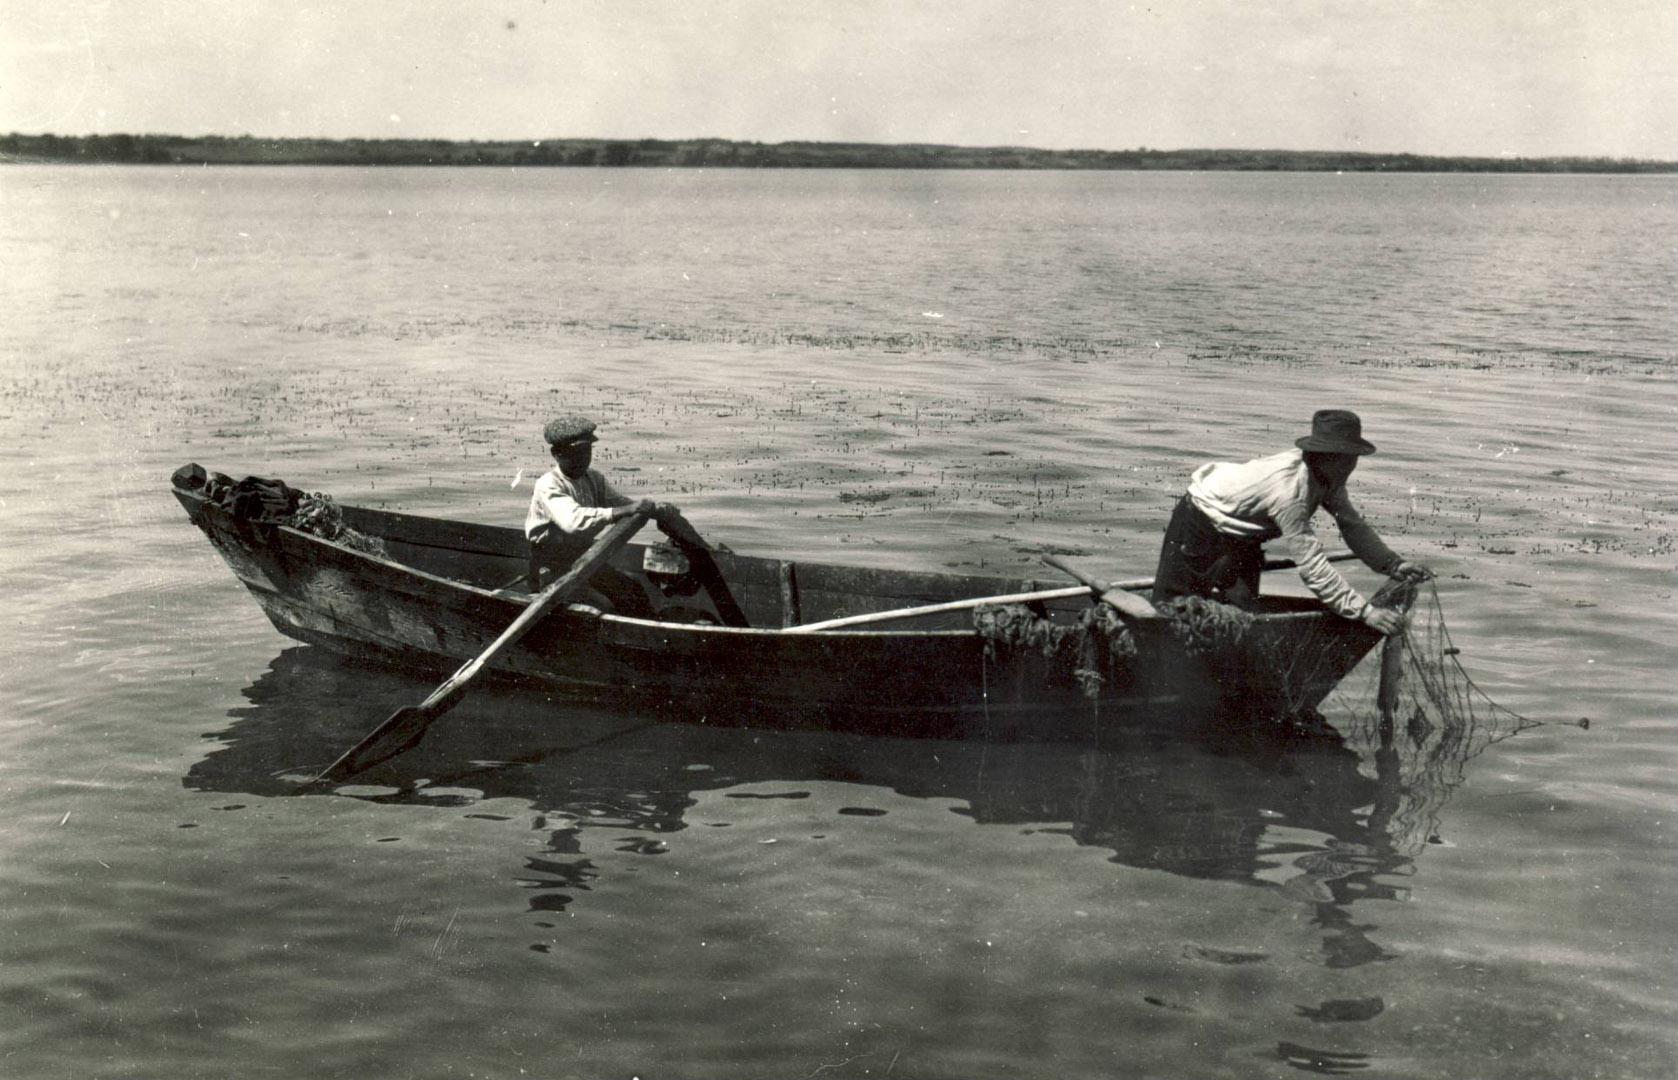 Vietiniai žvejai gaudo žuvį Trakų ežeruose. S. Kolupailos nuotrauka